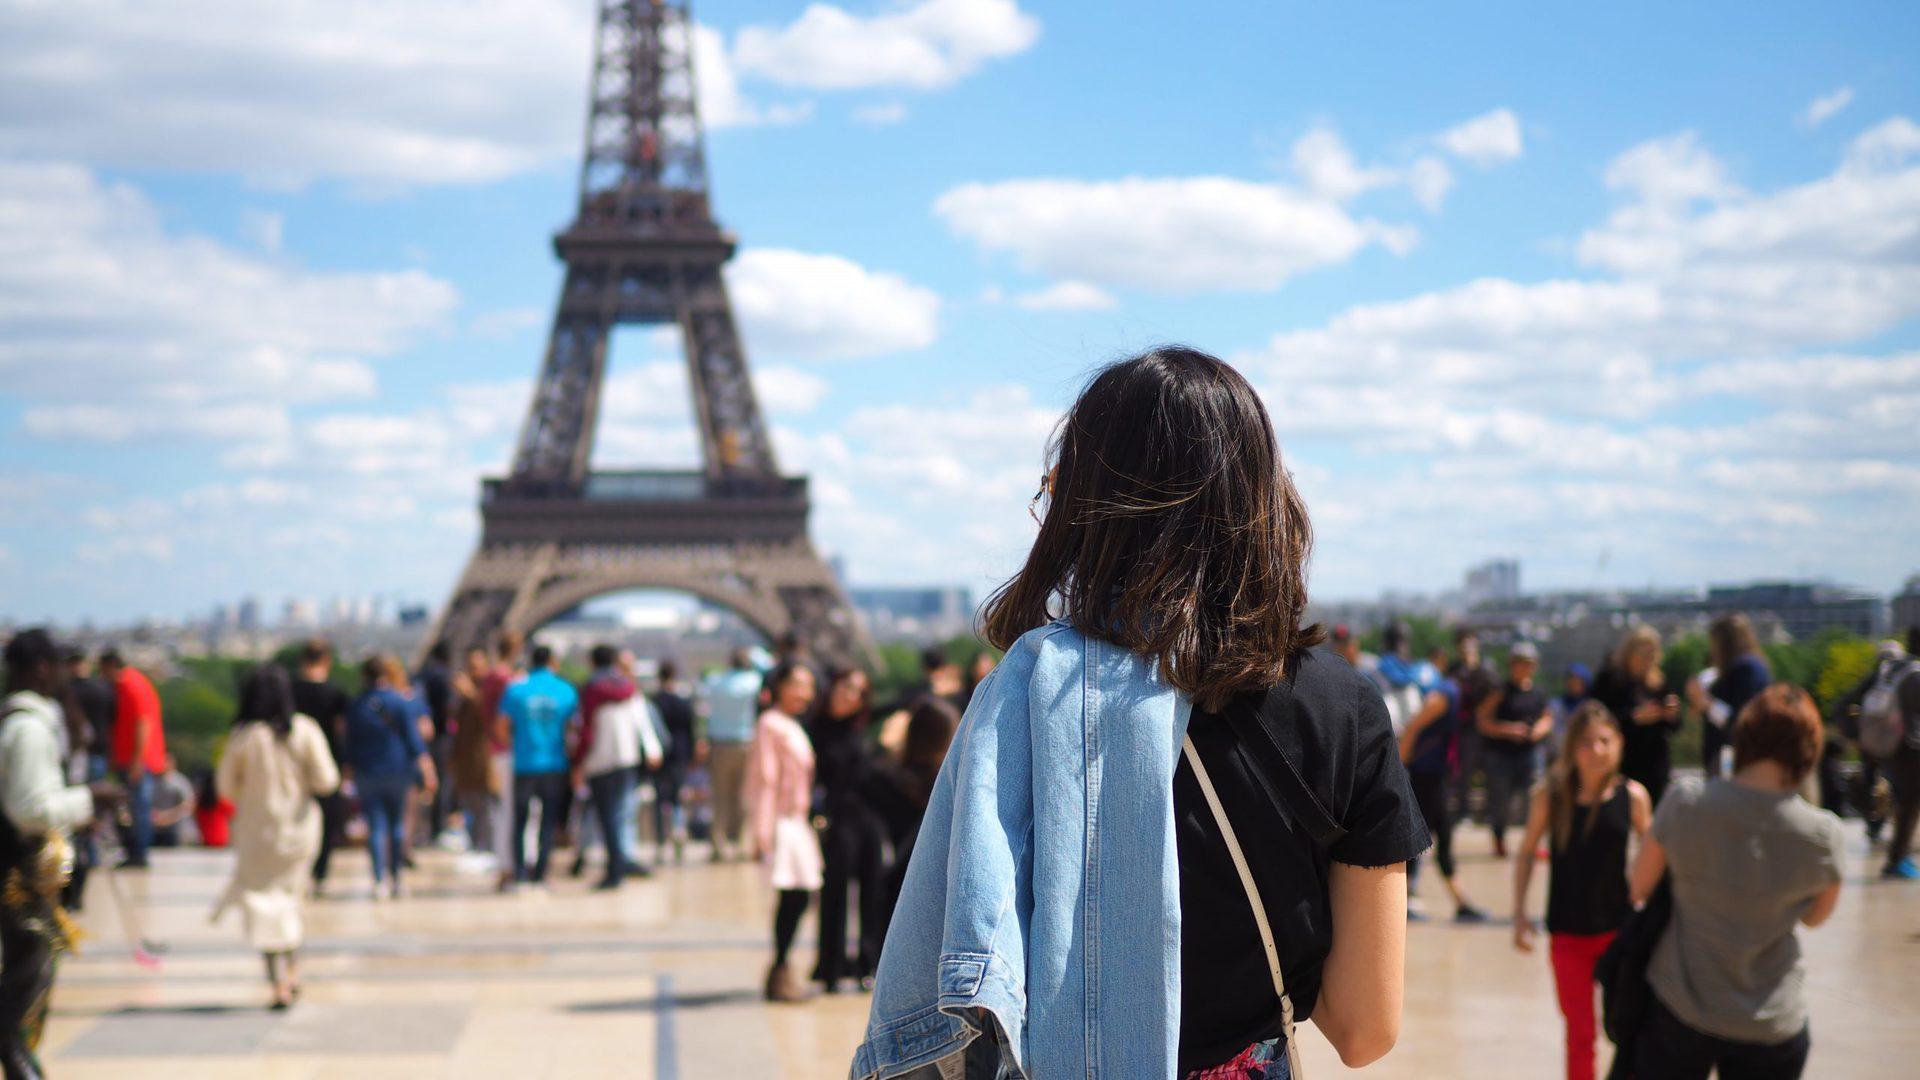 Crowds Near The Eiffel Tower